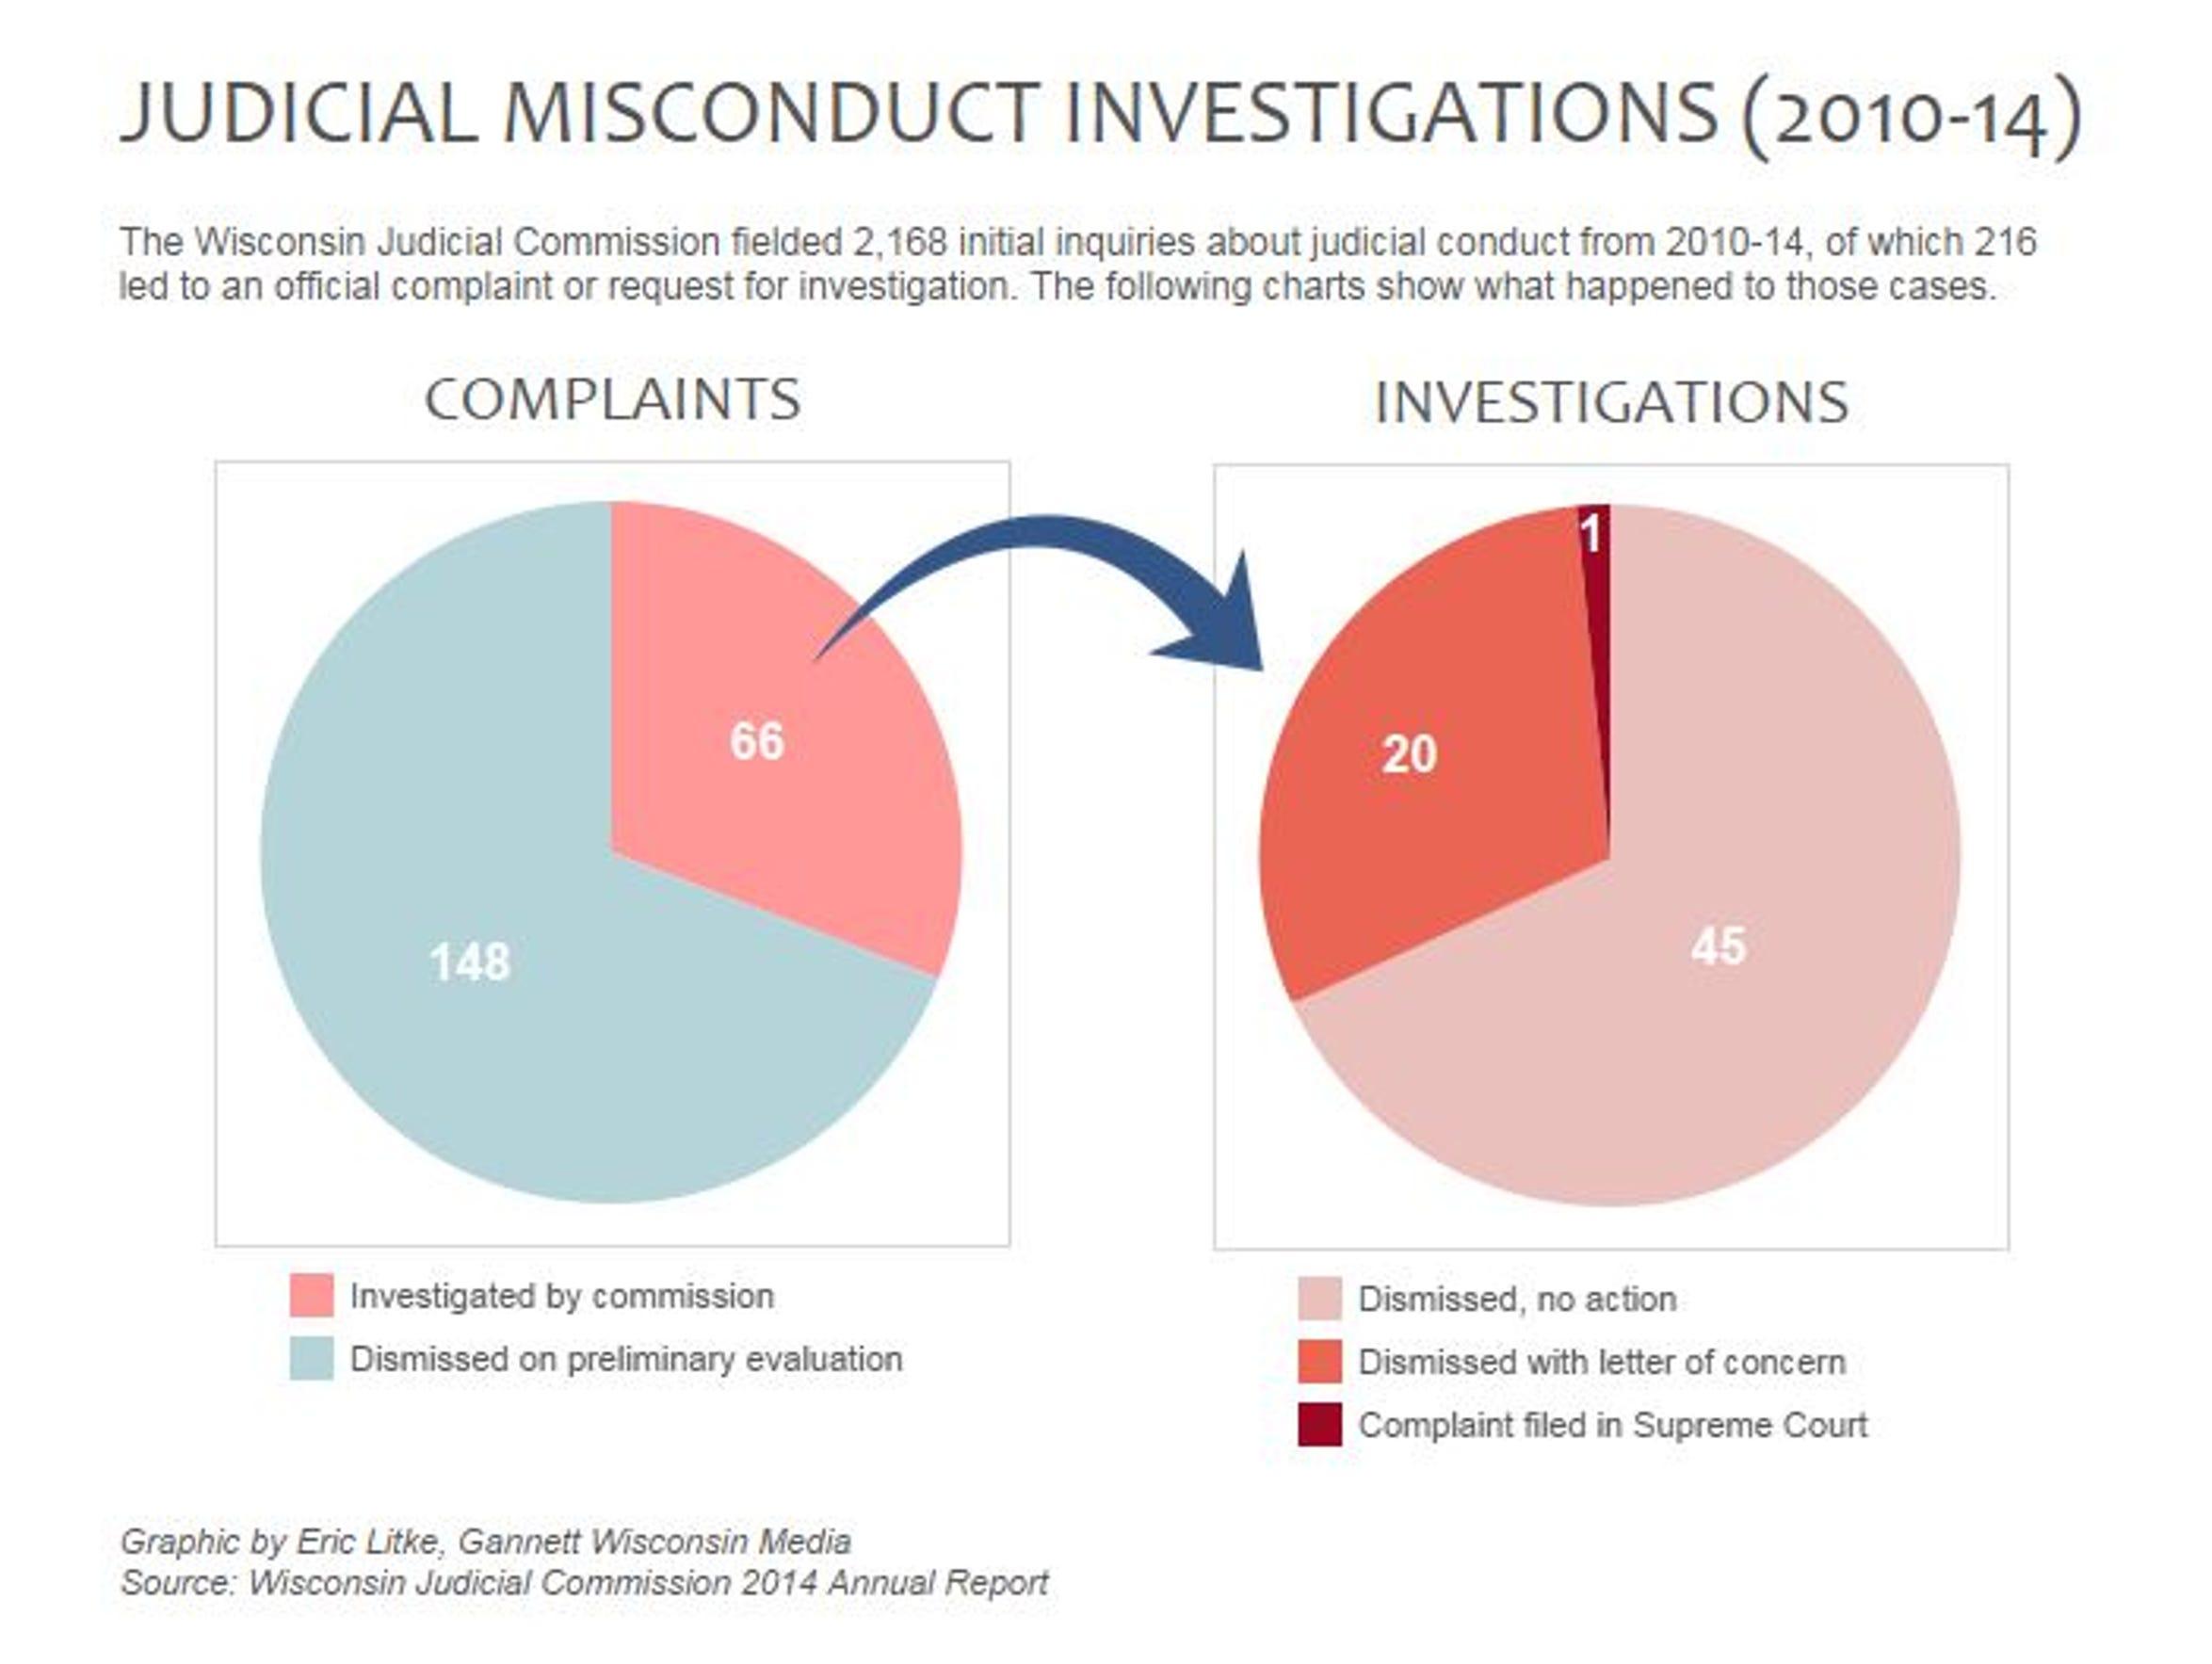 Judicial misconduct investigations